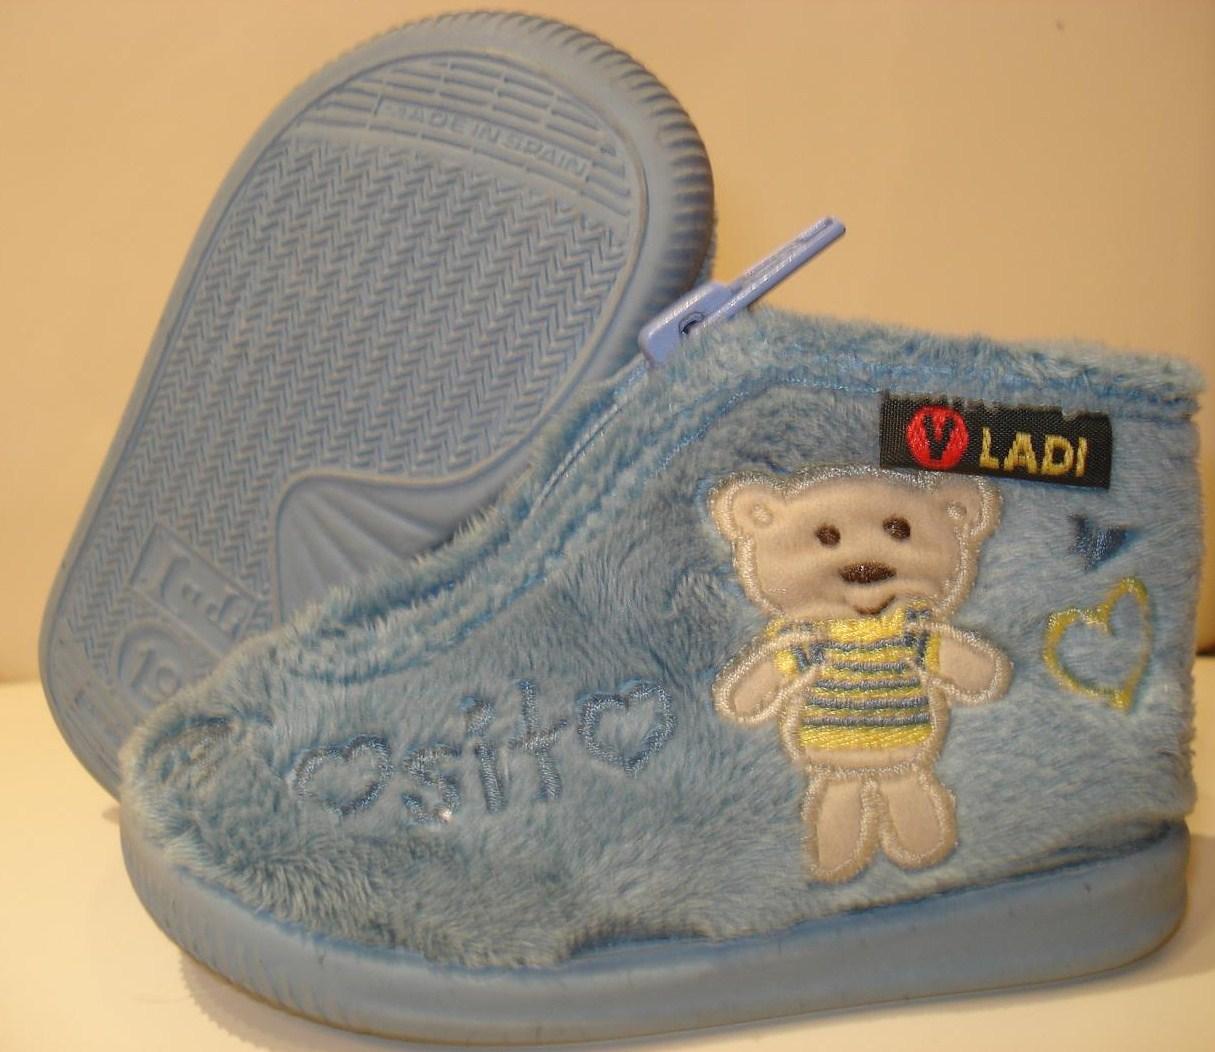 96510a104f7 Sólo en el Corte Inglés he encontrado esta marca de zapatillas. Me gustaron  mucho por ser muy suaves